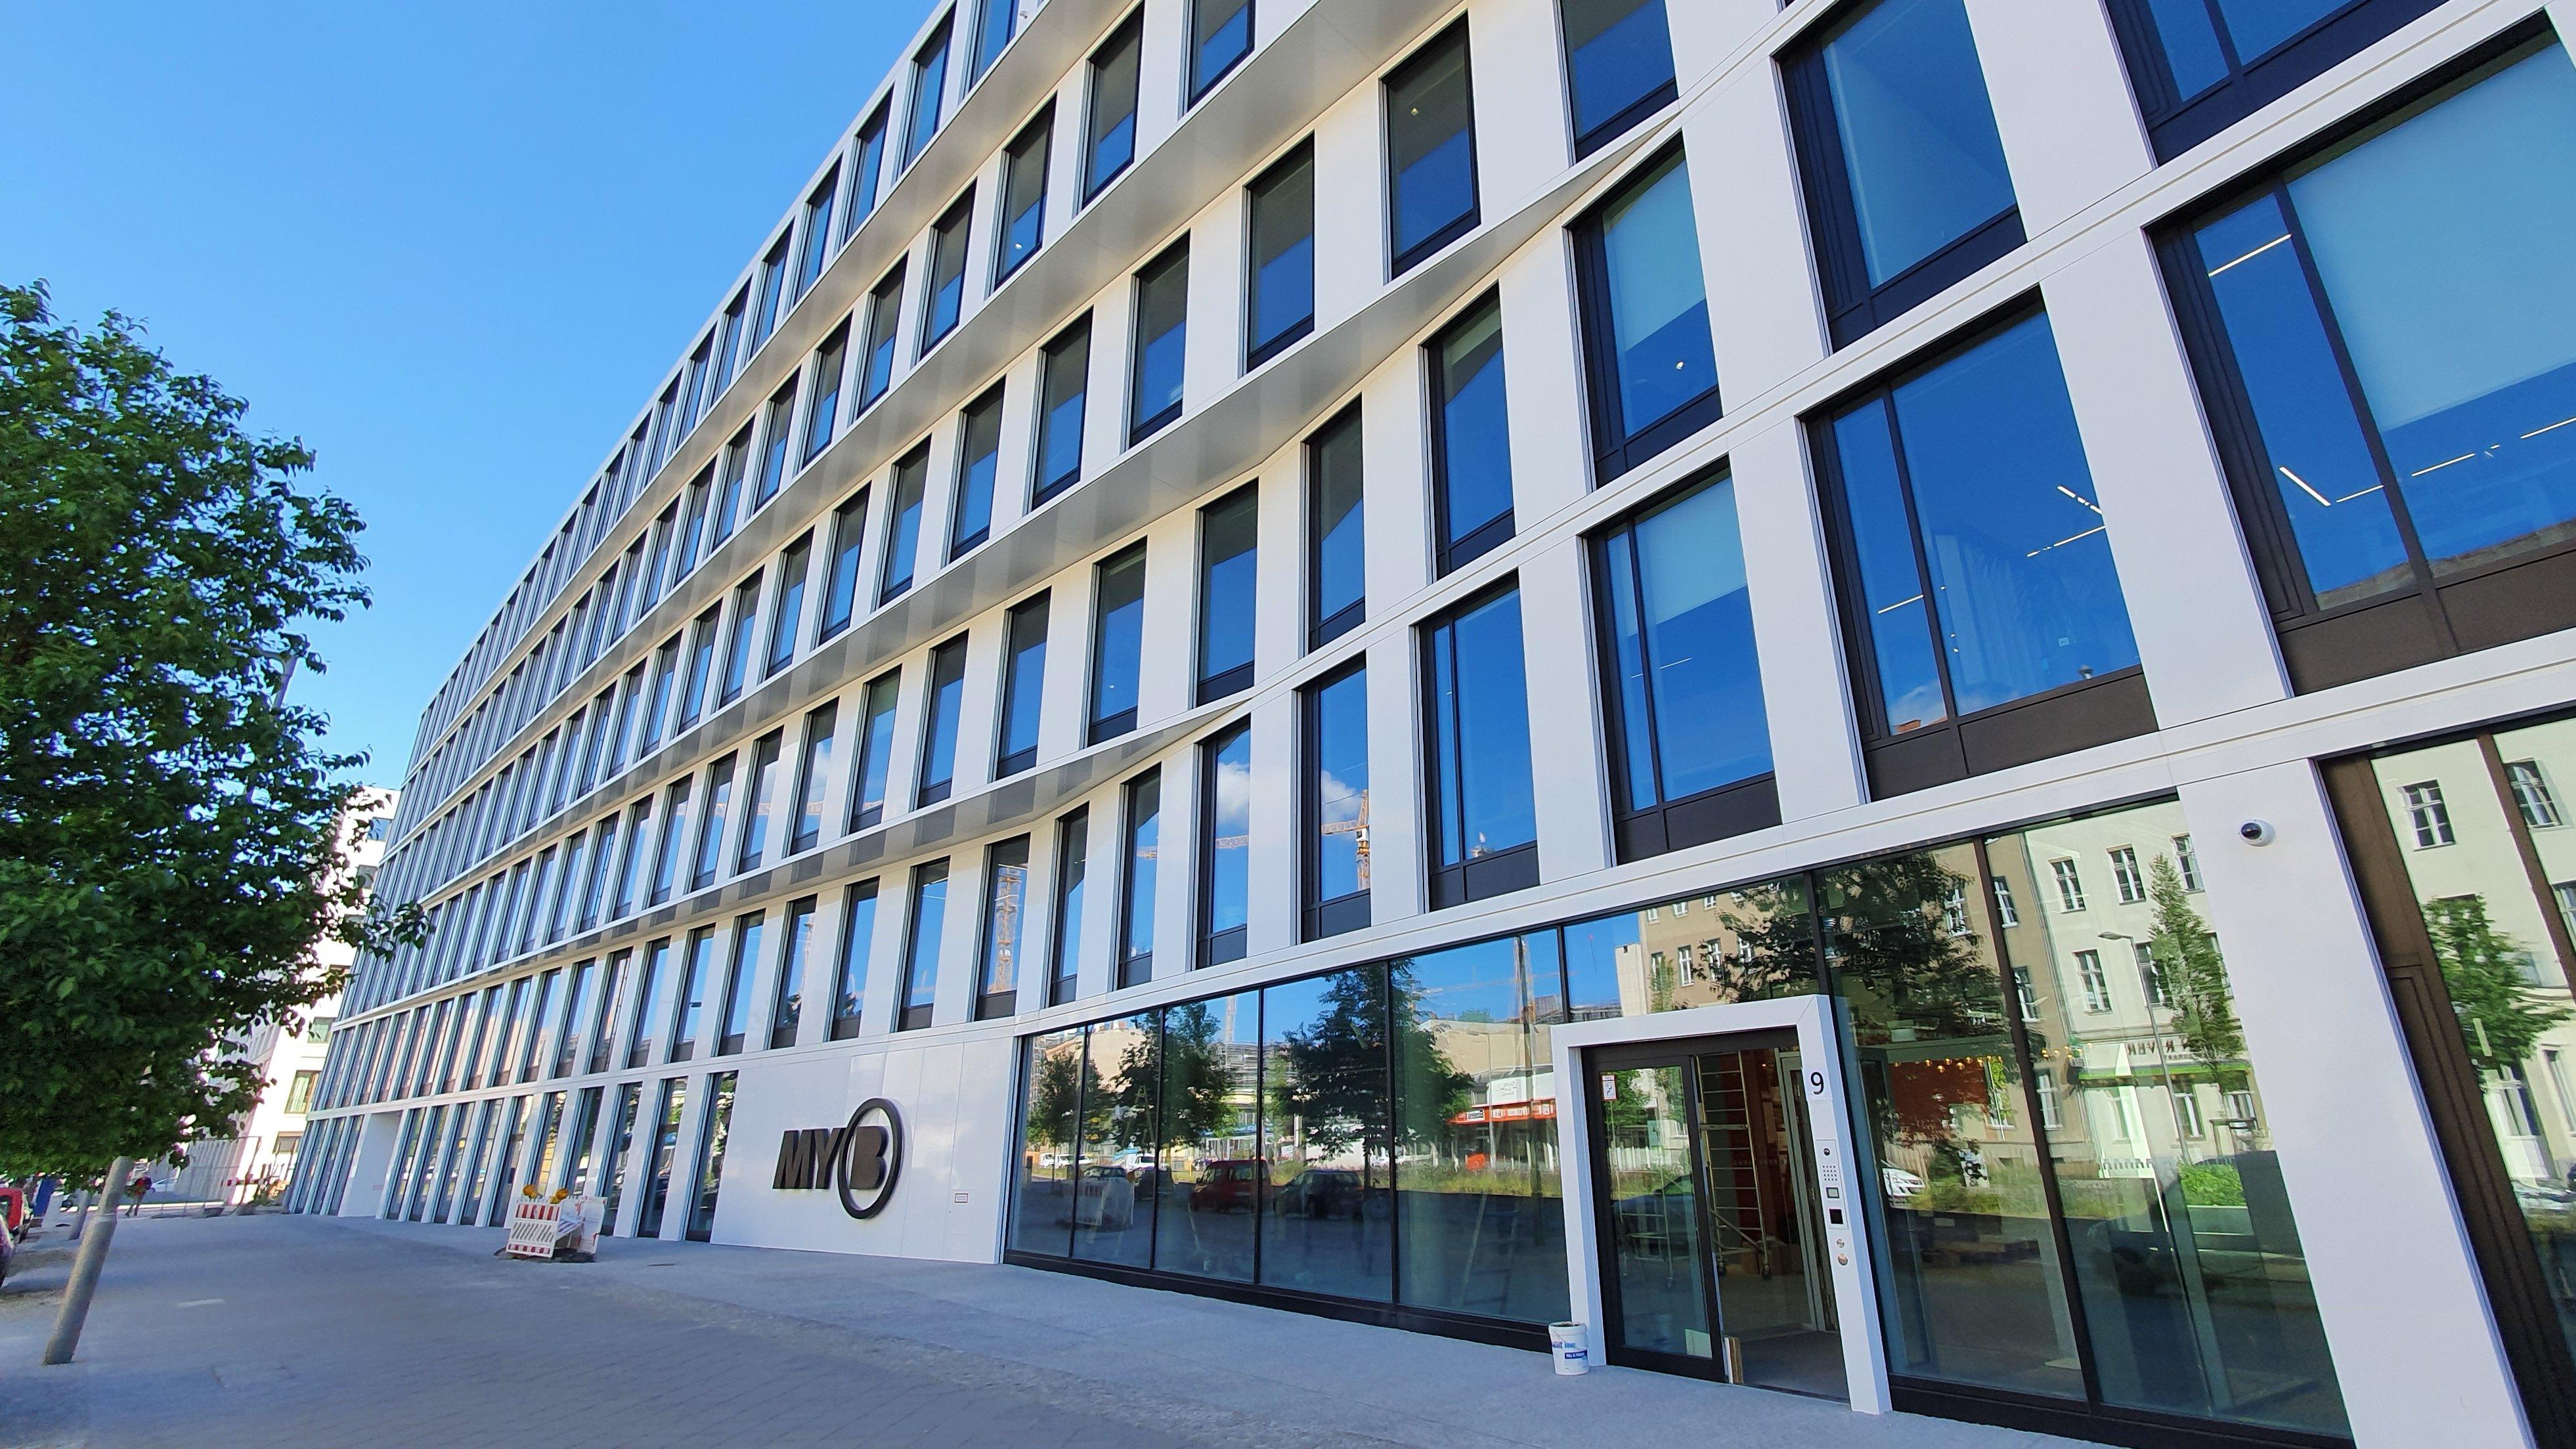 Hypoport Standort in Berlin